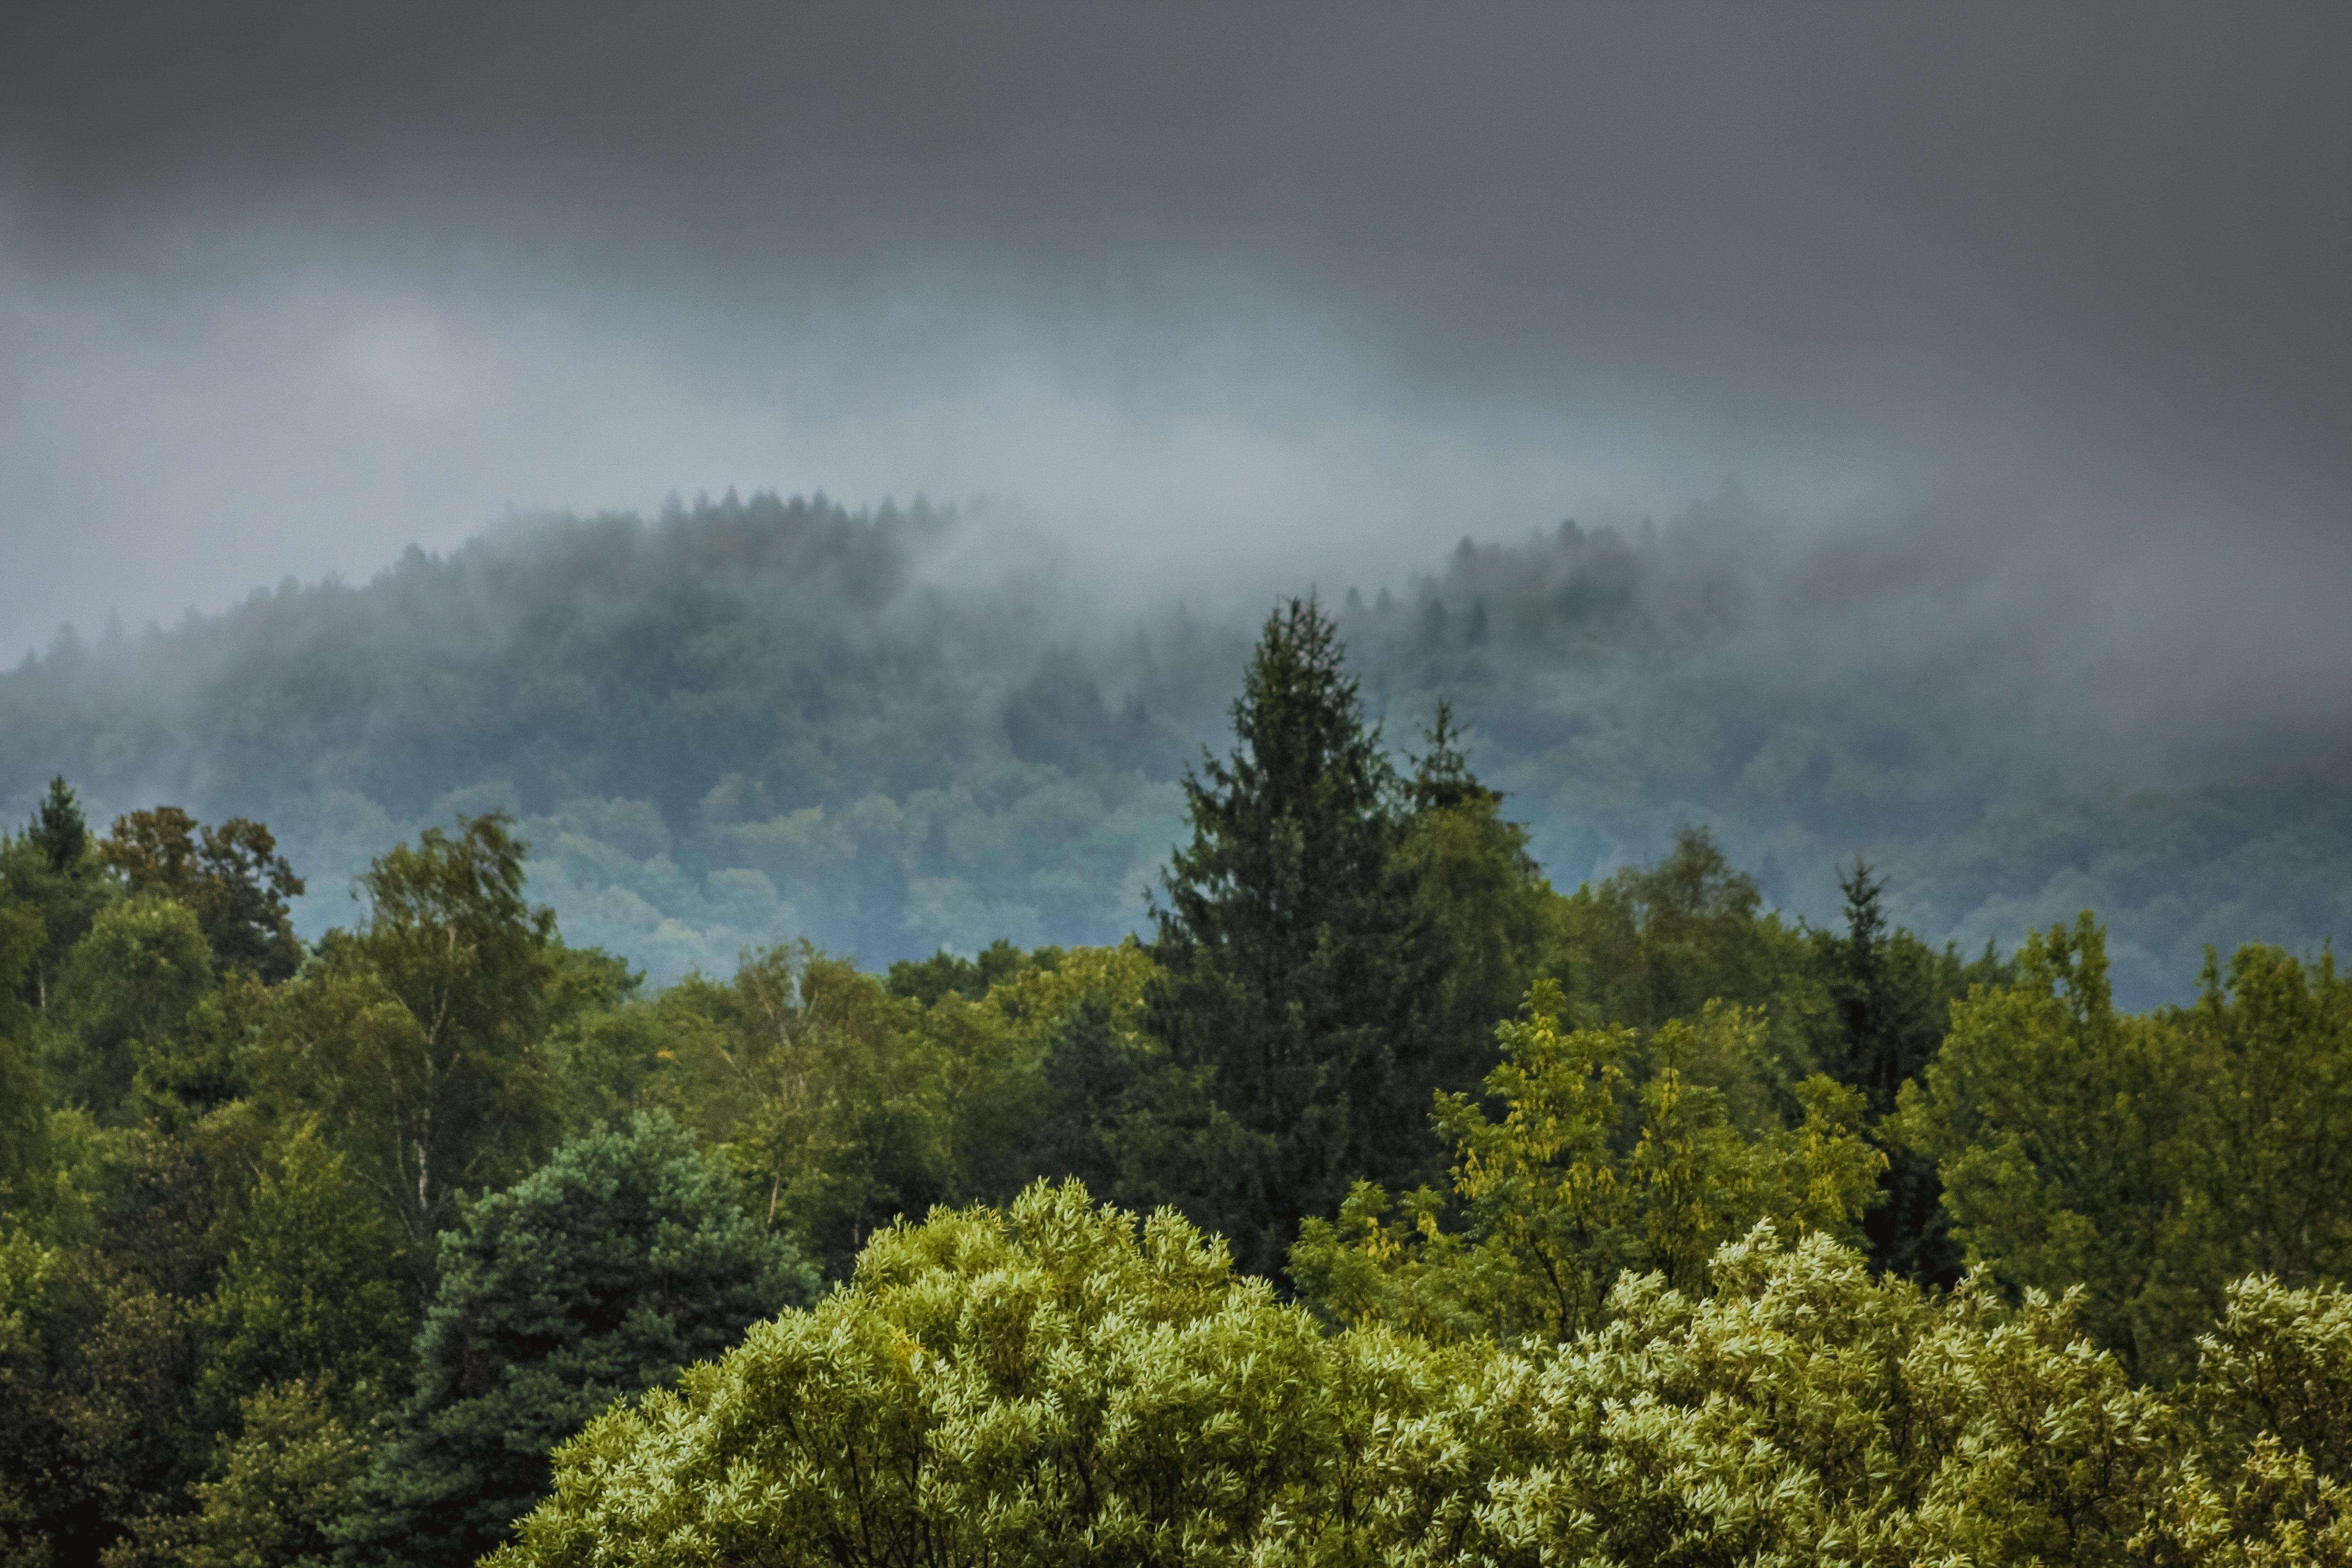 того фото дождливого леса можем